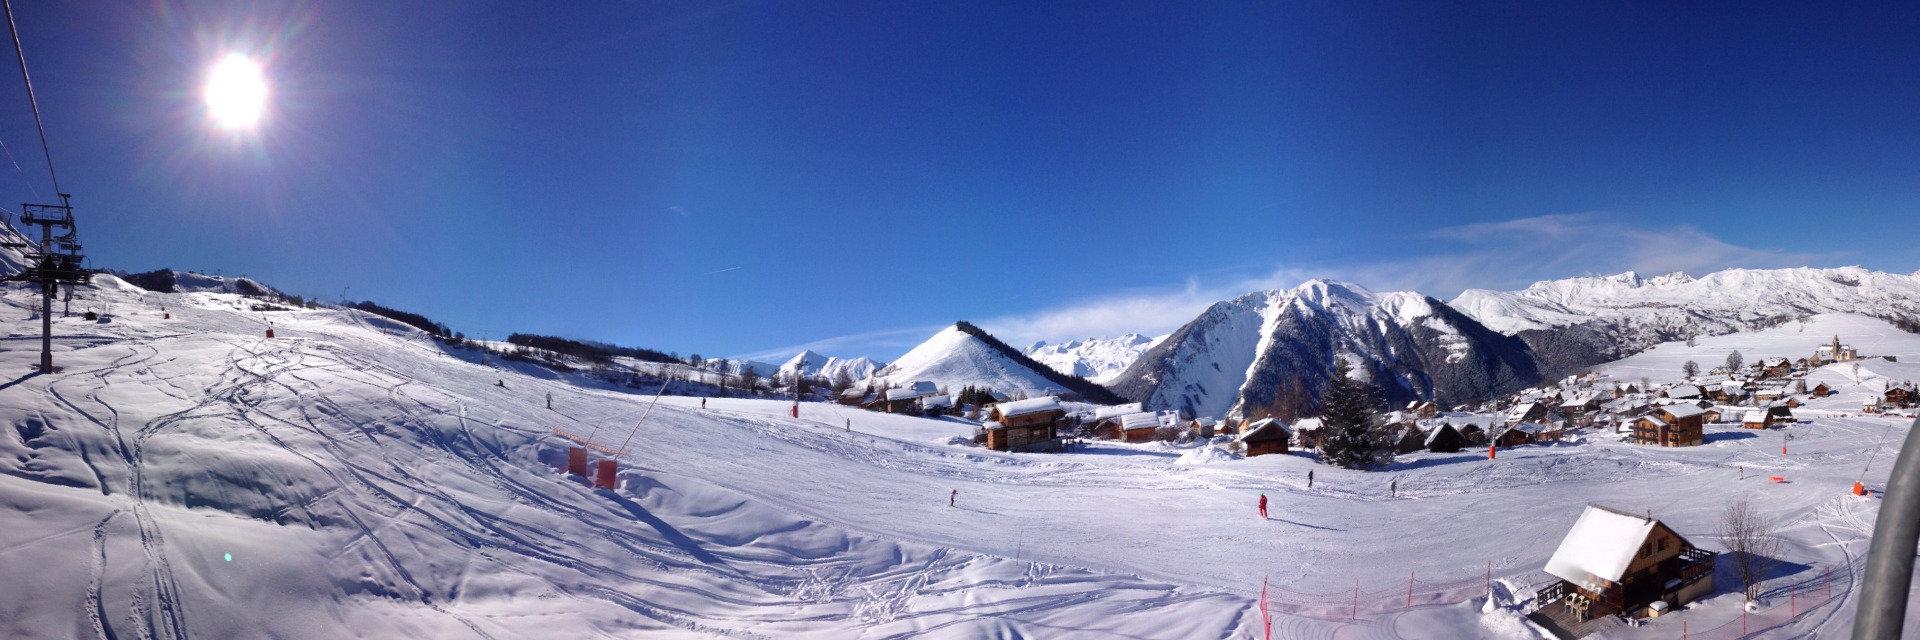 Le village d'Albiez Montrond et son front de neige - © OT Albiez / M. Fumaz